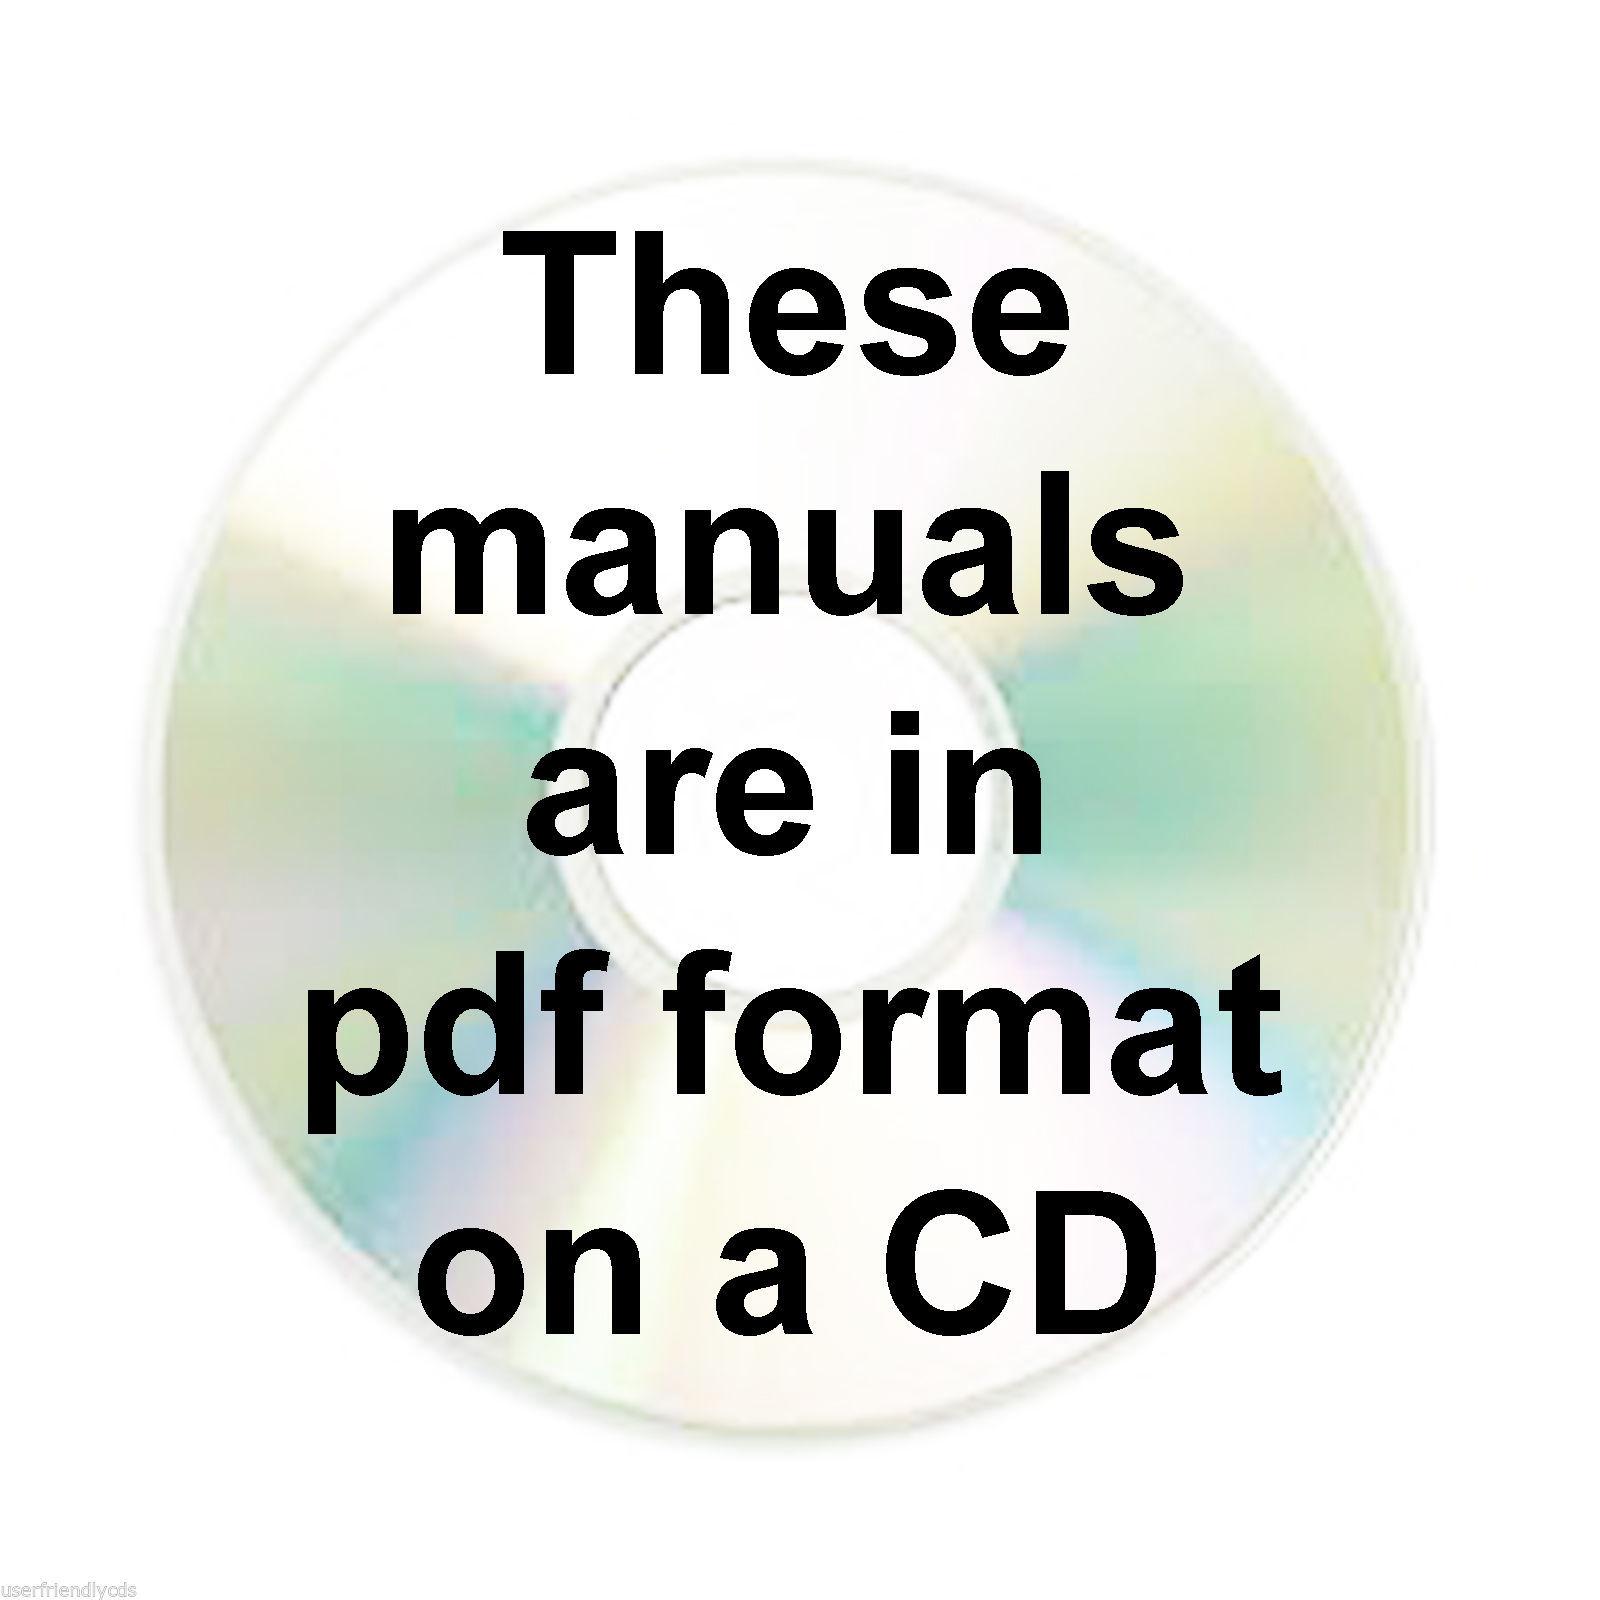 CASE IH 450 Backhoe Crawler Loader SERVICE Repair MANUAL Manuals CD image 2